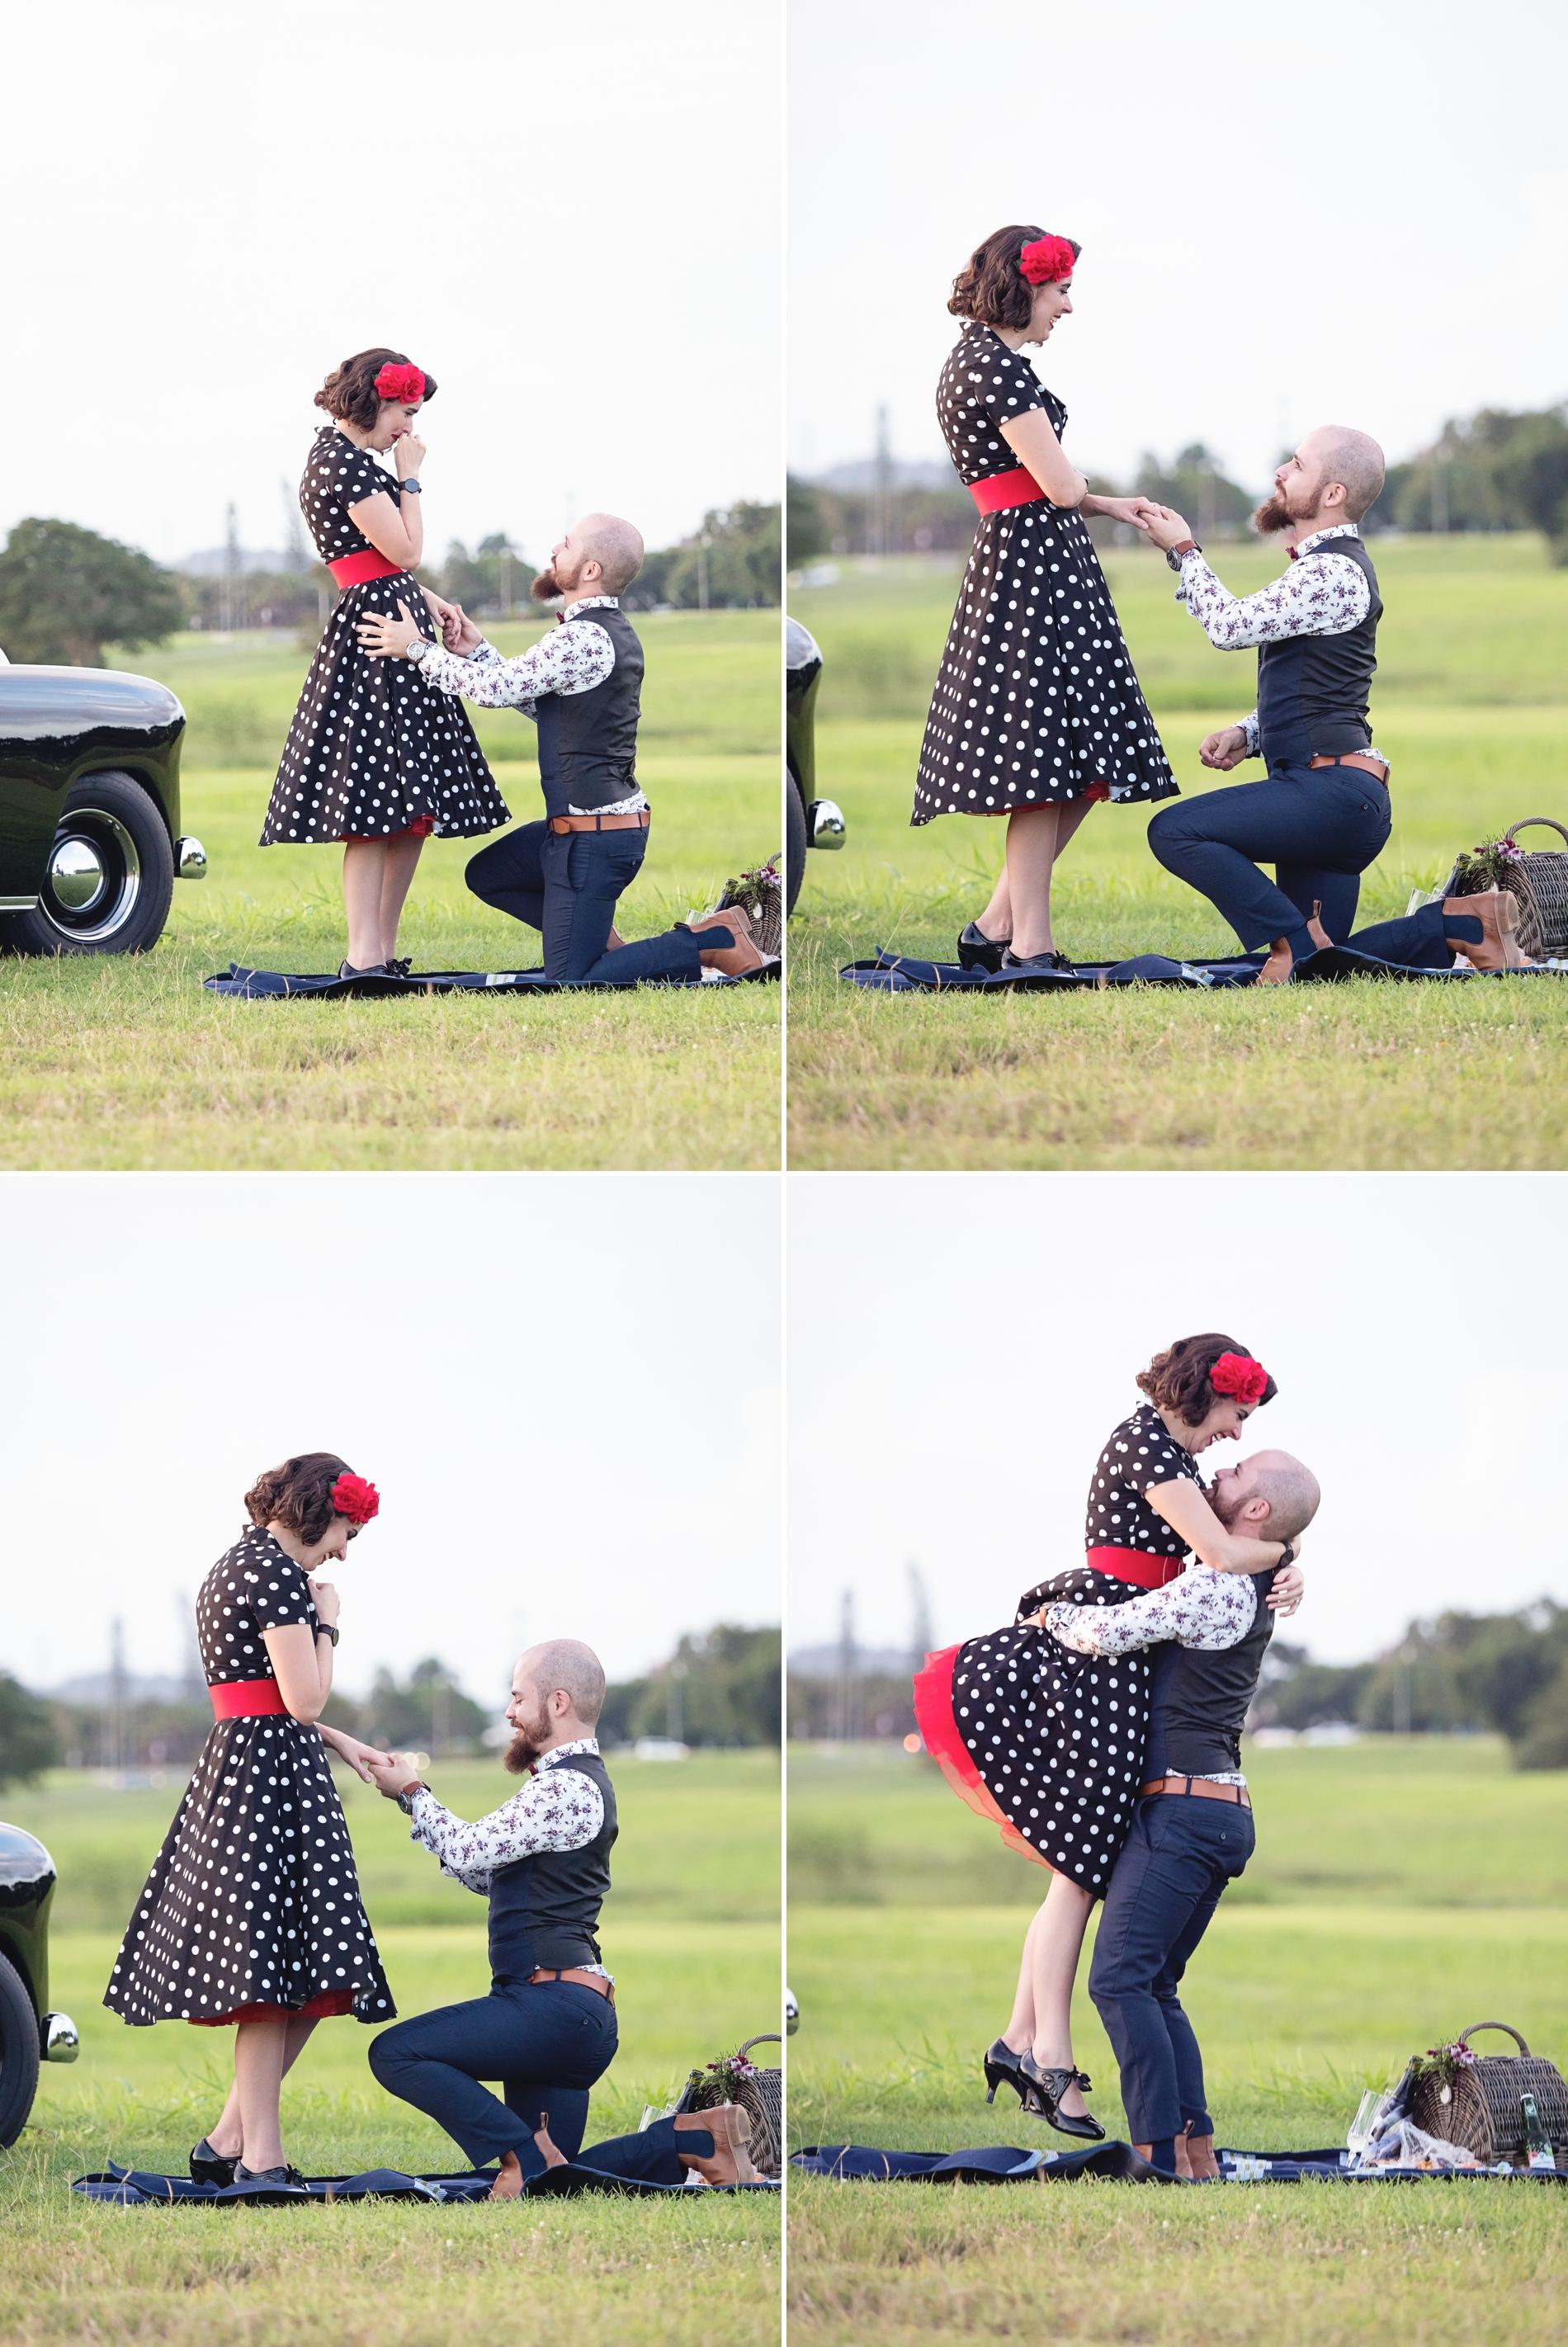 brodie-proposing-to-sjarn-during-valentines-date.jpg